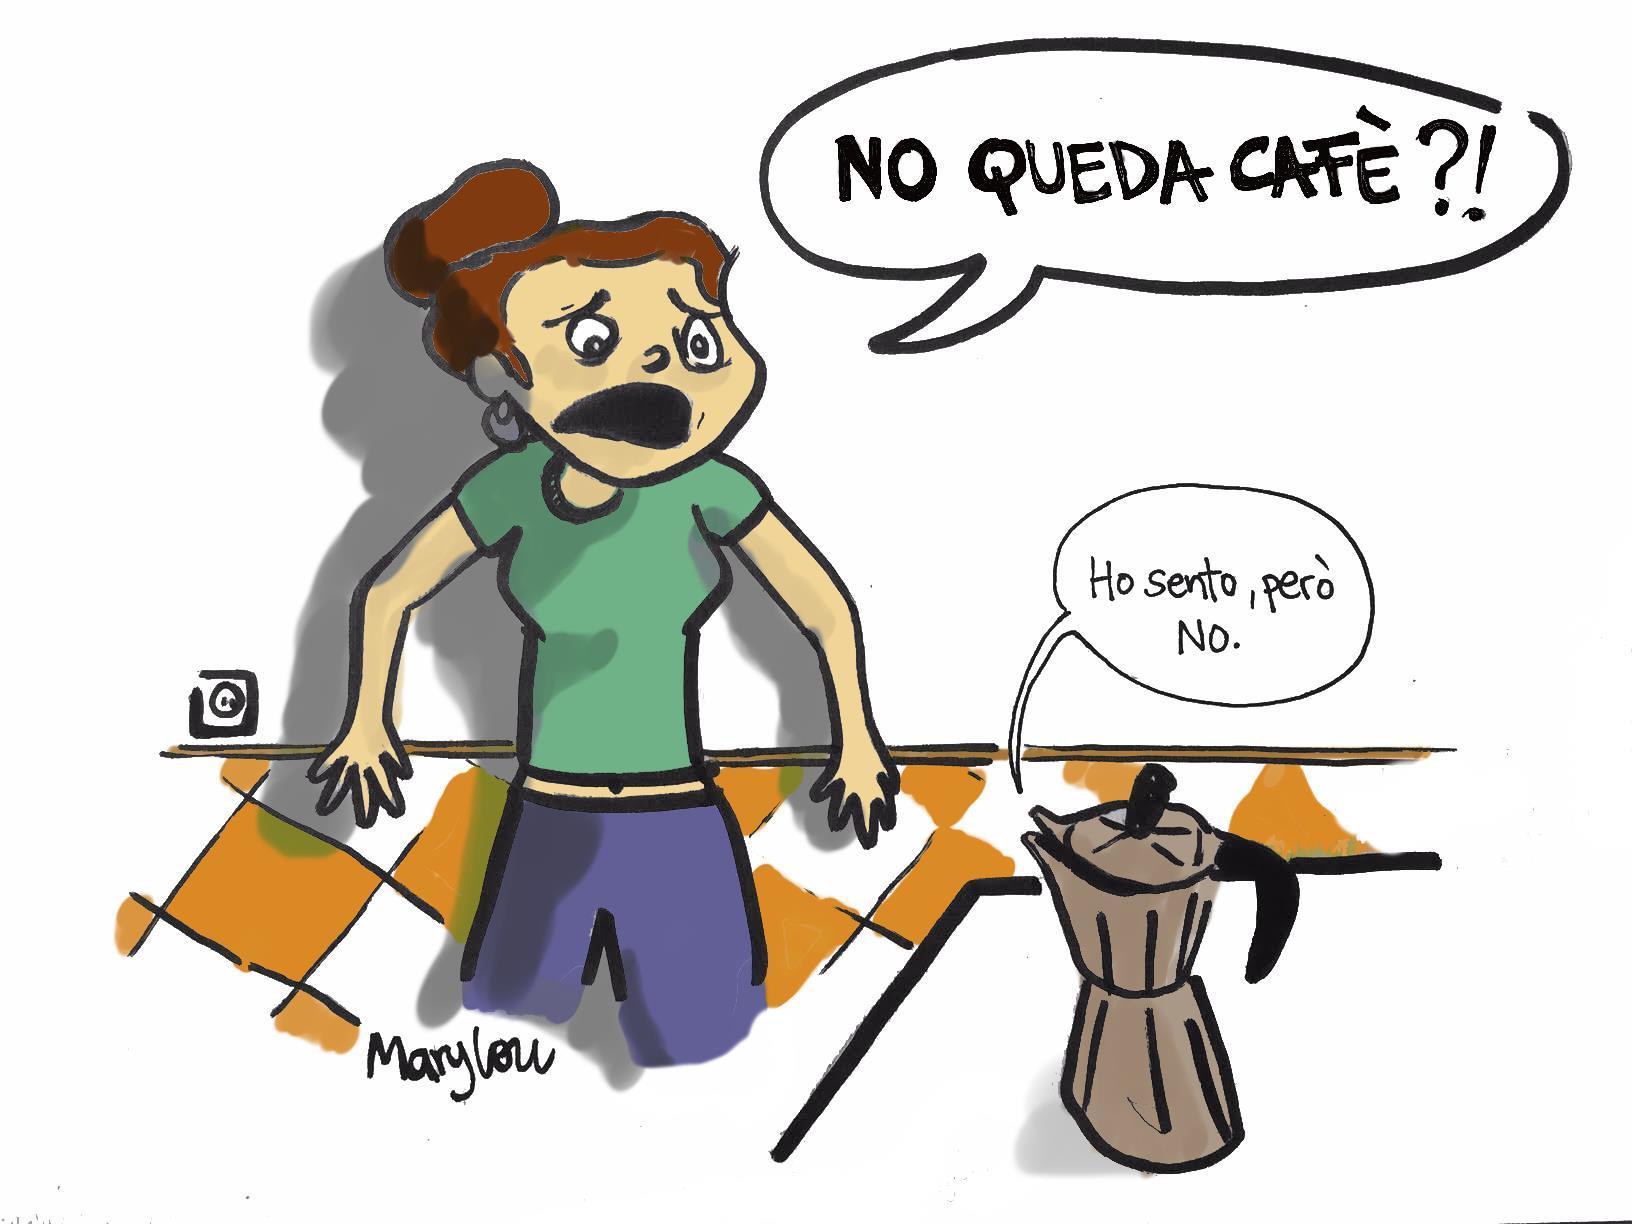 Una noia s'adona que no li queda cafè